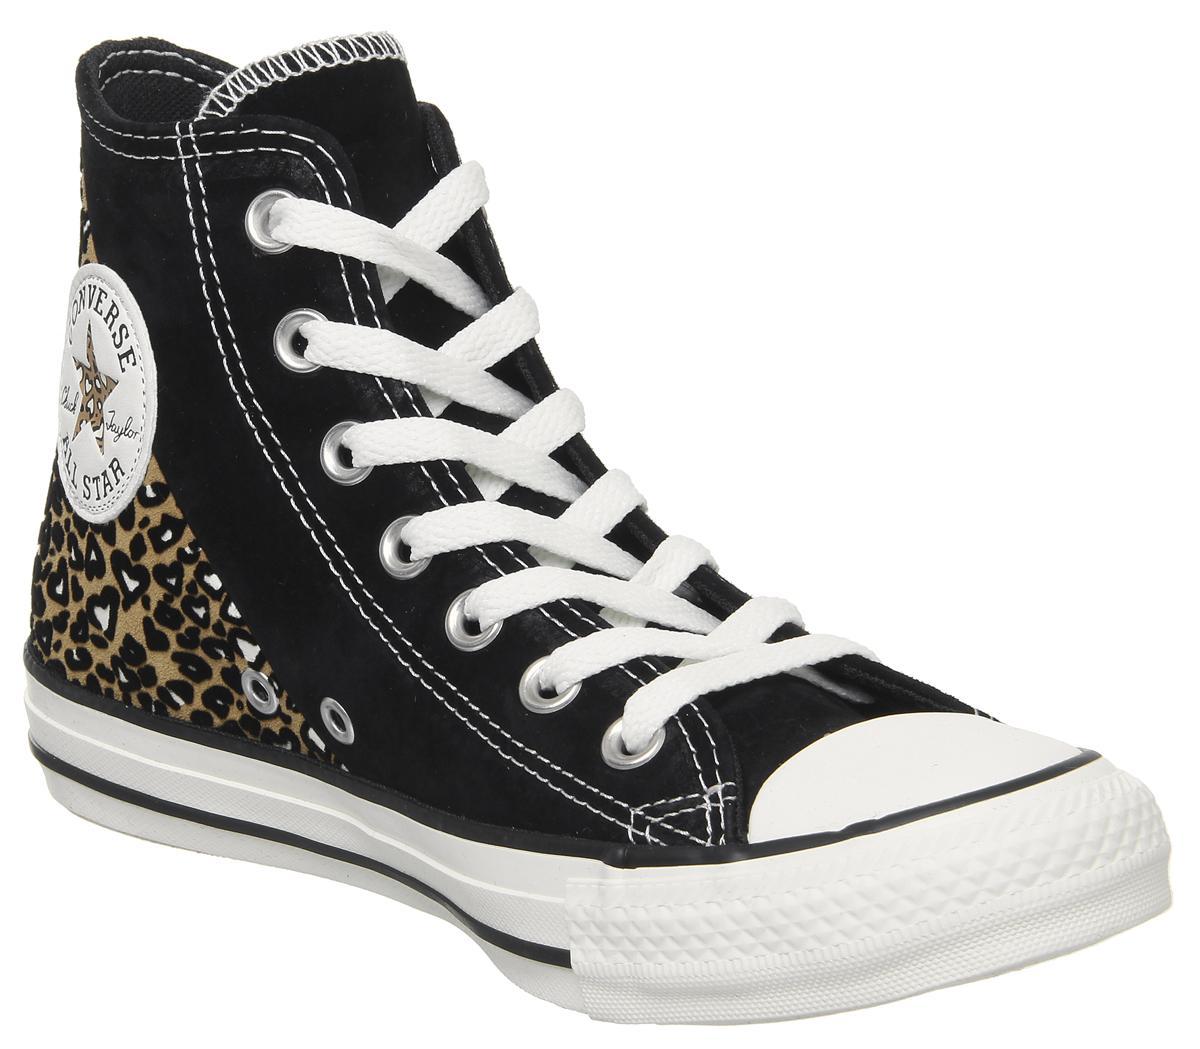 Converse Gr 23 Converse Schuhe online kaufen, Exklusiv